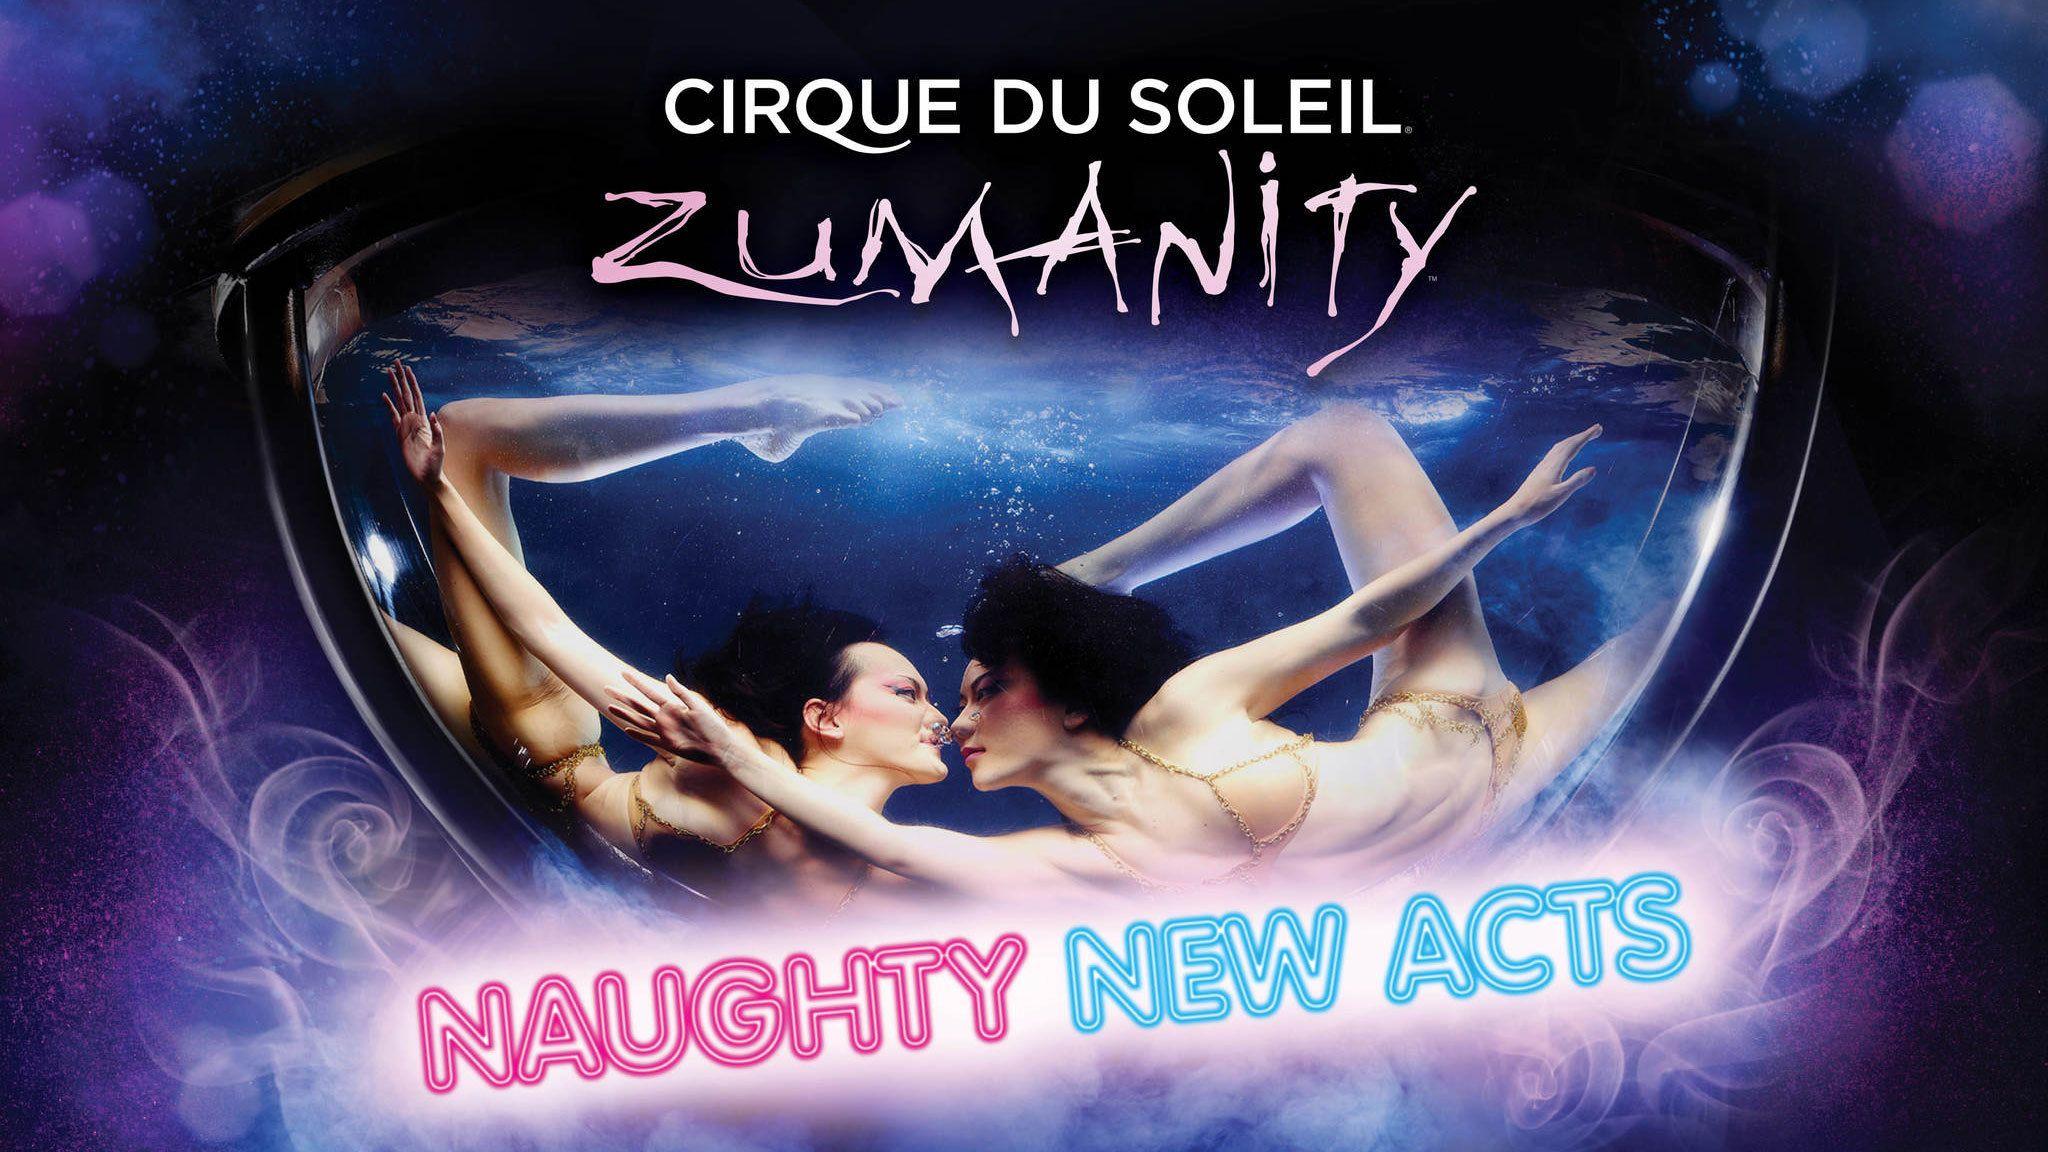 Promo to Cirque De Soleil Zumanity